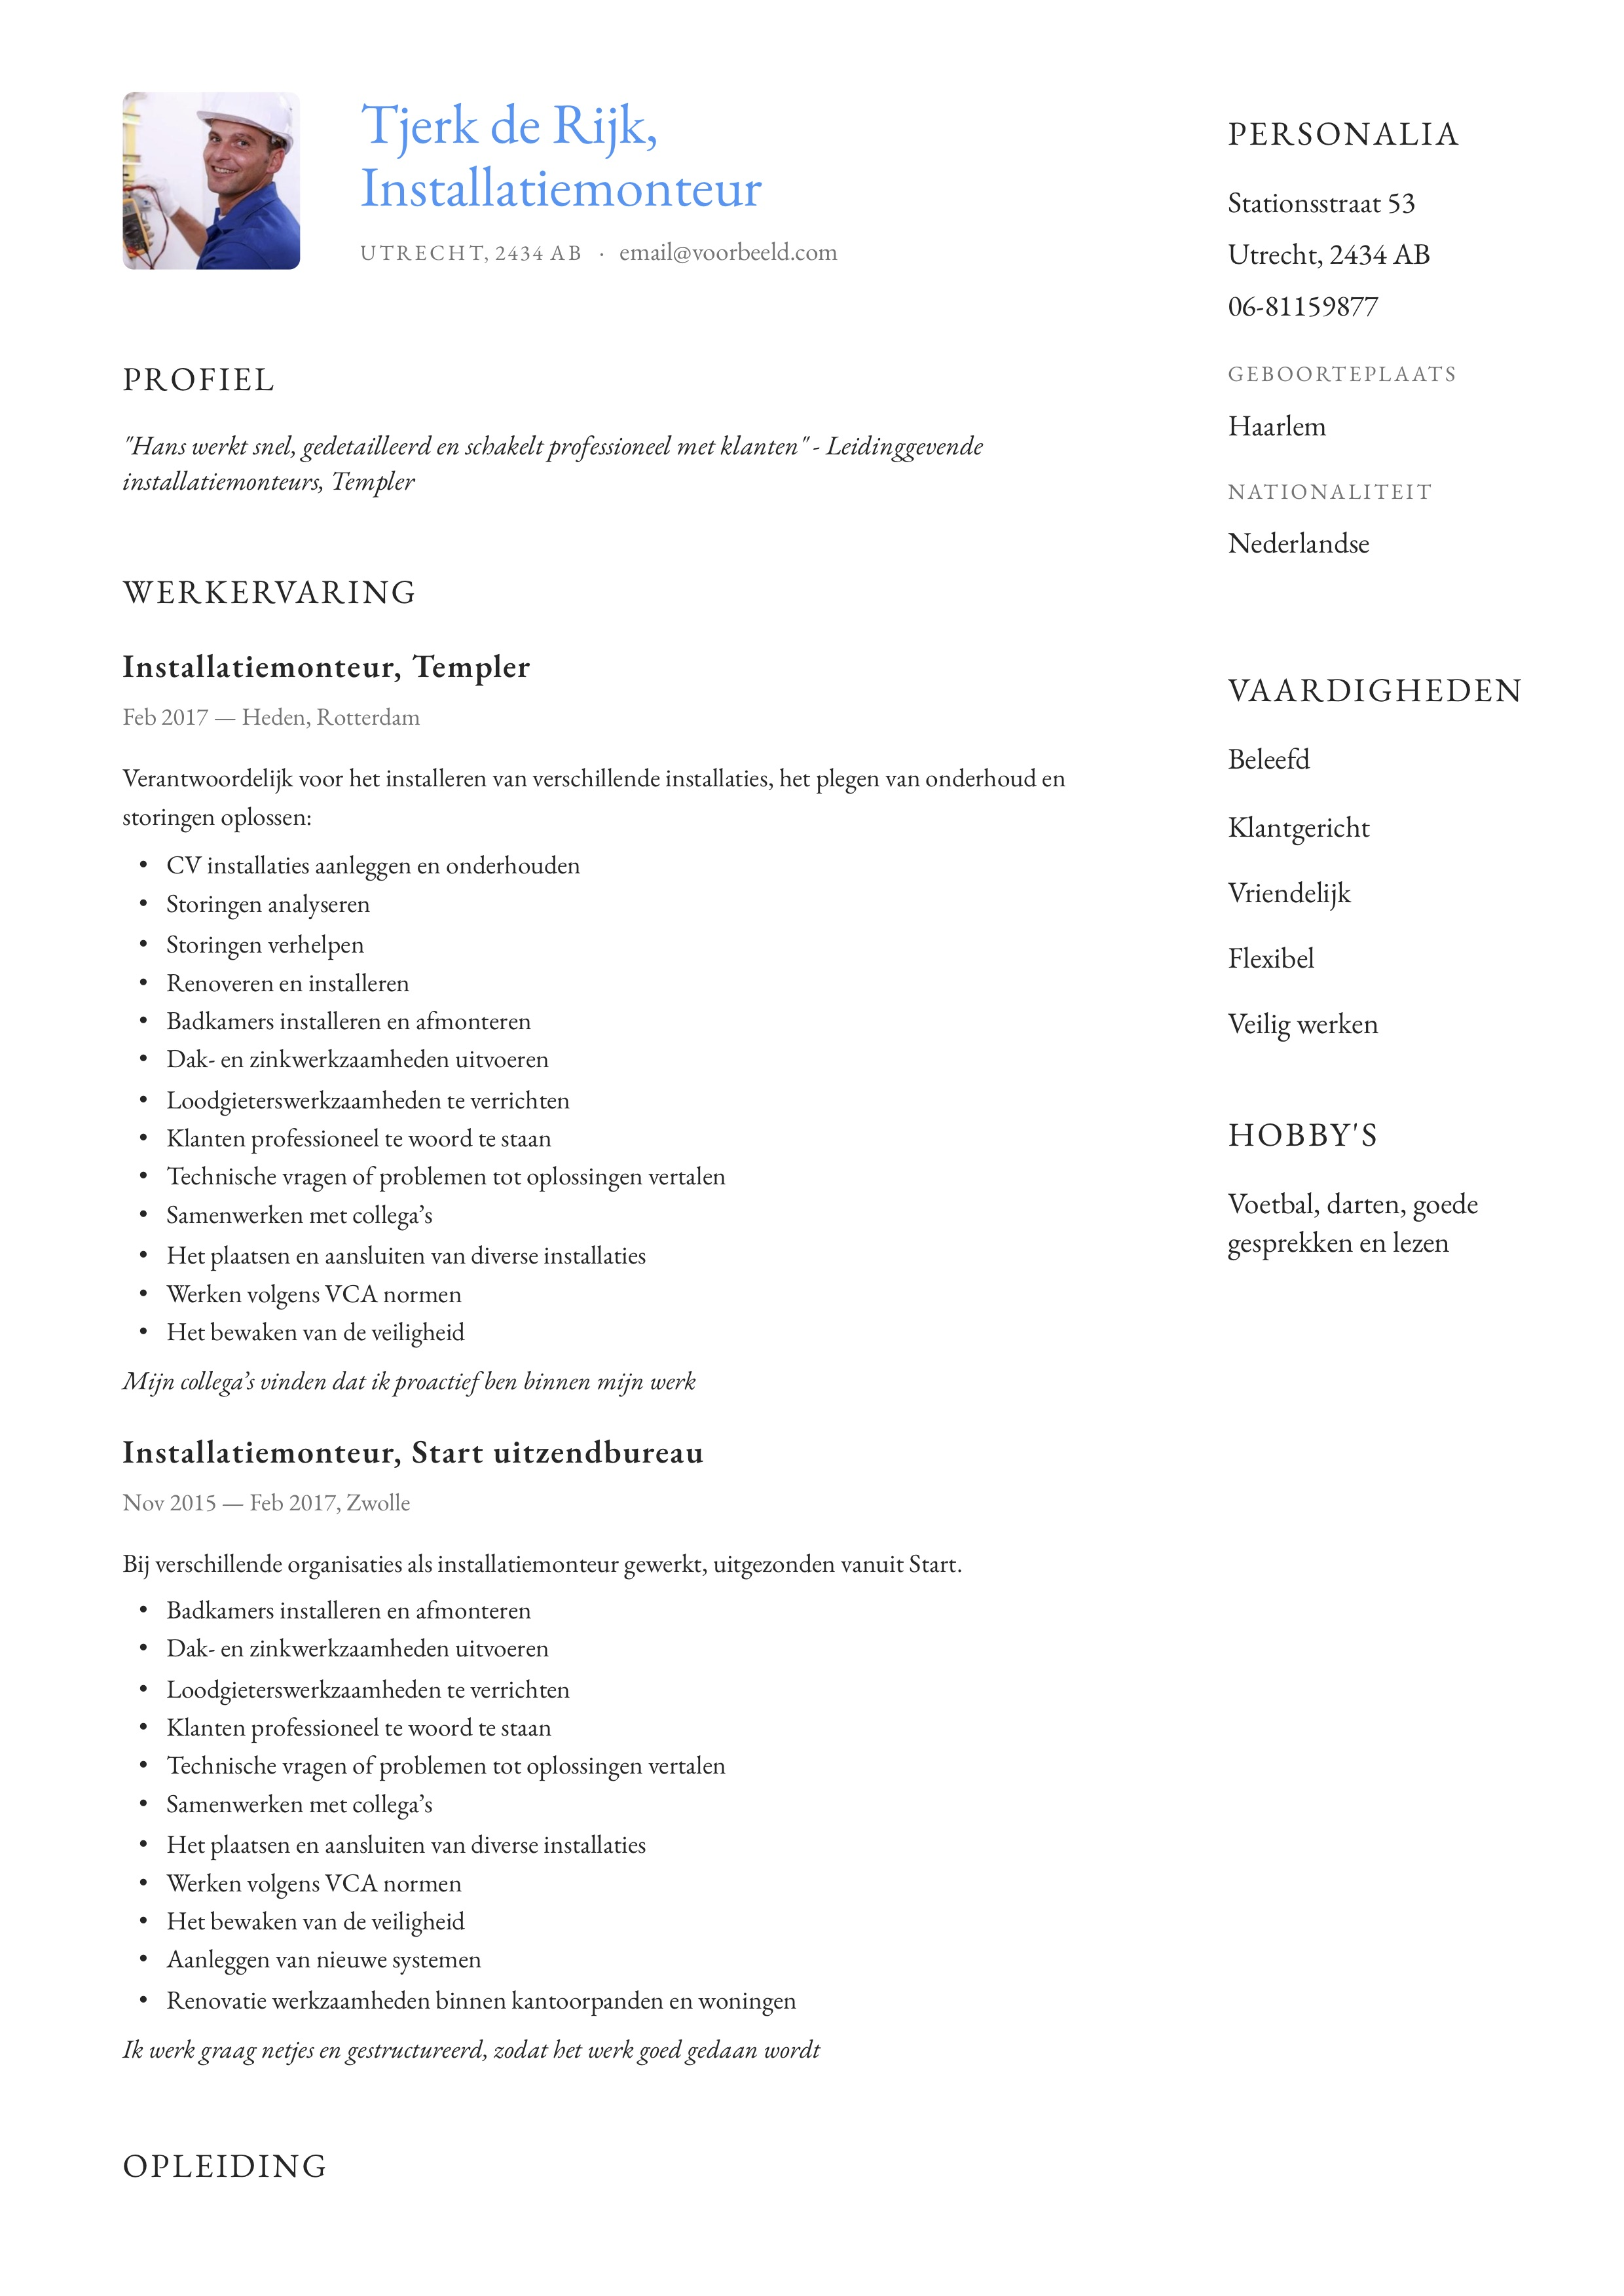 CV Voorbeeld Installatiemonteur